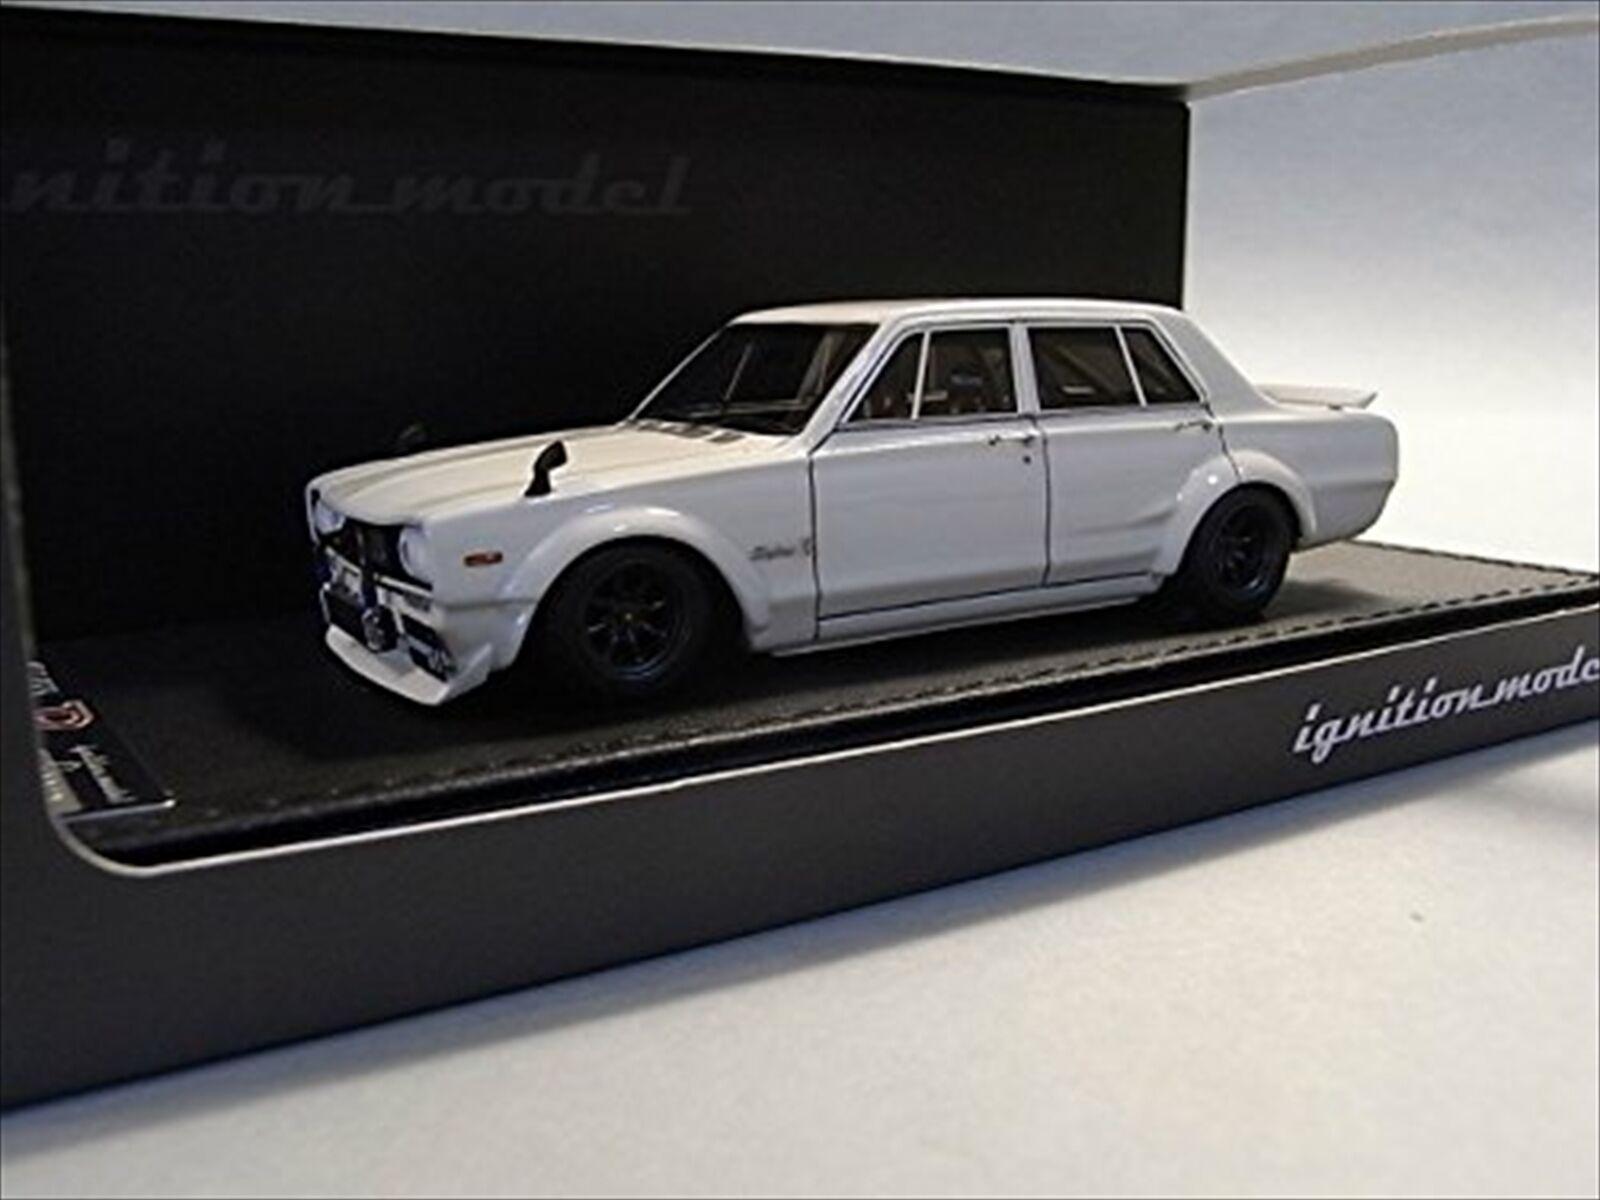 100% nuovo di zecca con qualità originale Ignition Ignition Ignition modellolo 1 43 Nissan cieloline 2000 GT-R (PGC10) bianca Resin modello IG0178  punto vendita